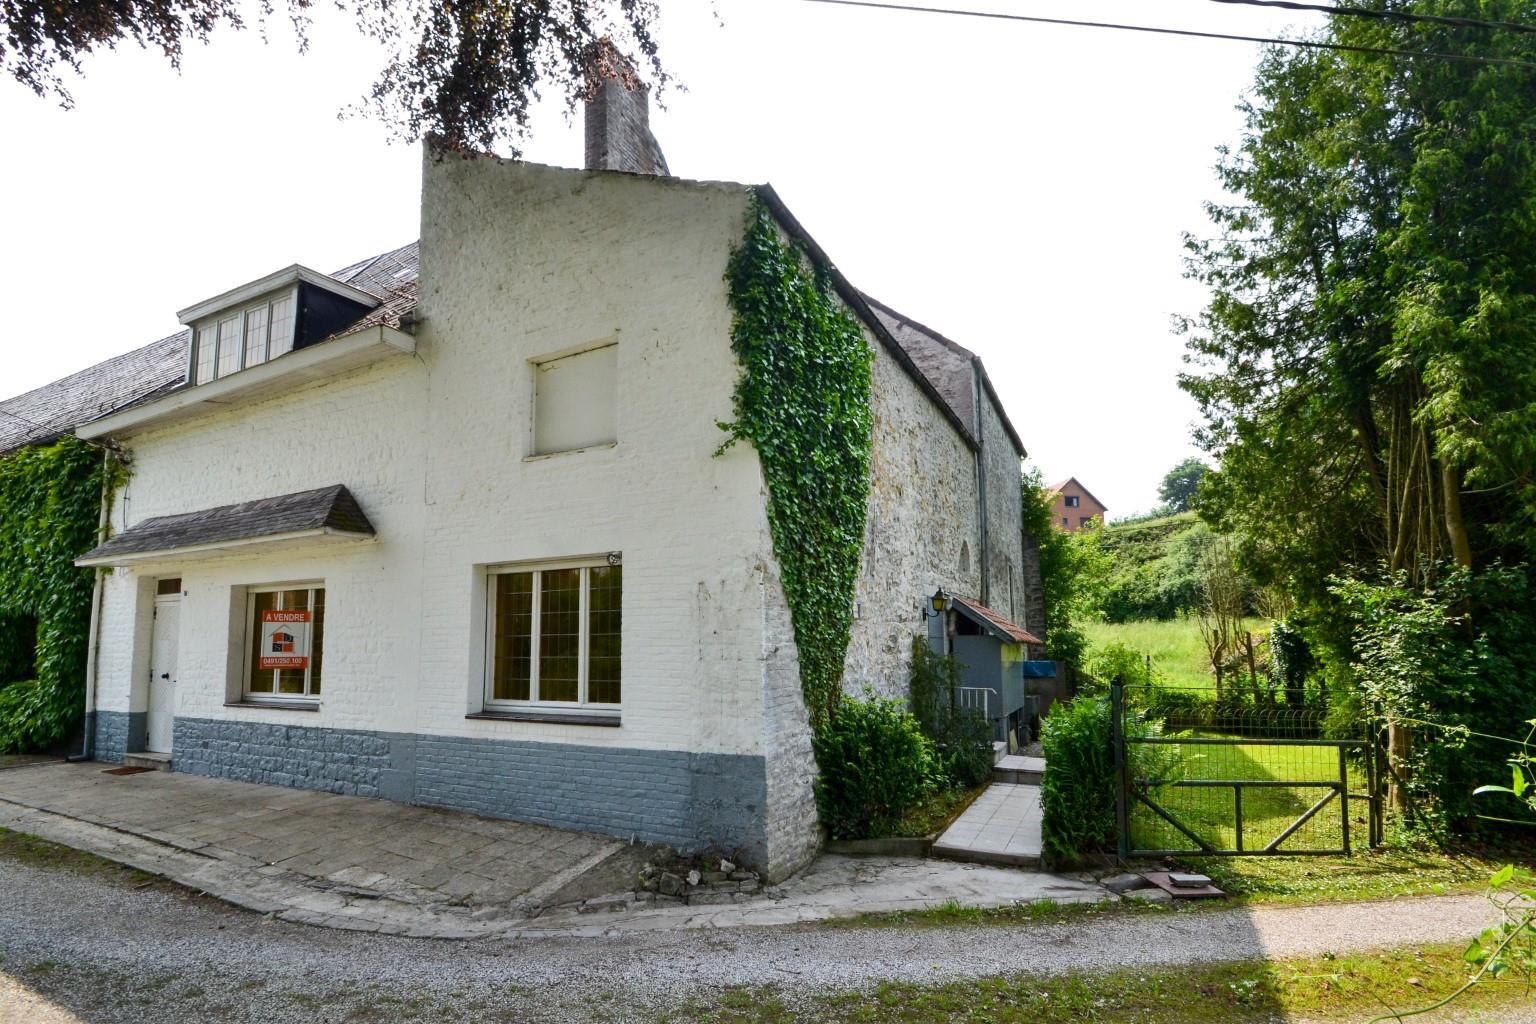 Maison - Walcourt - #2533158-0